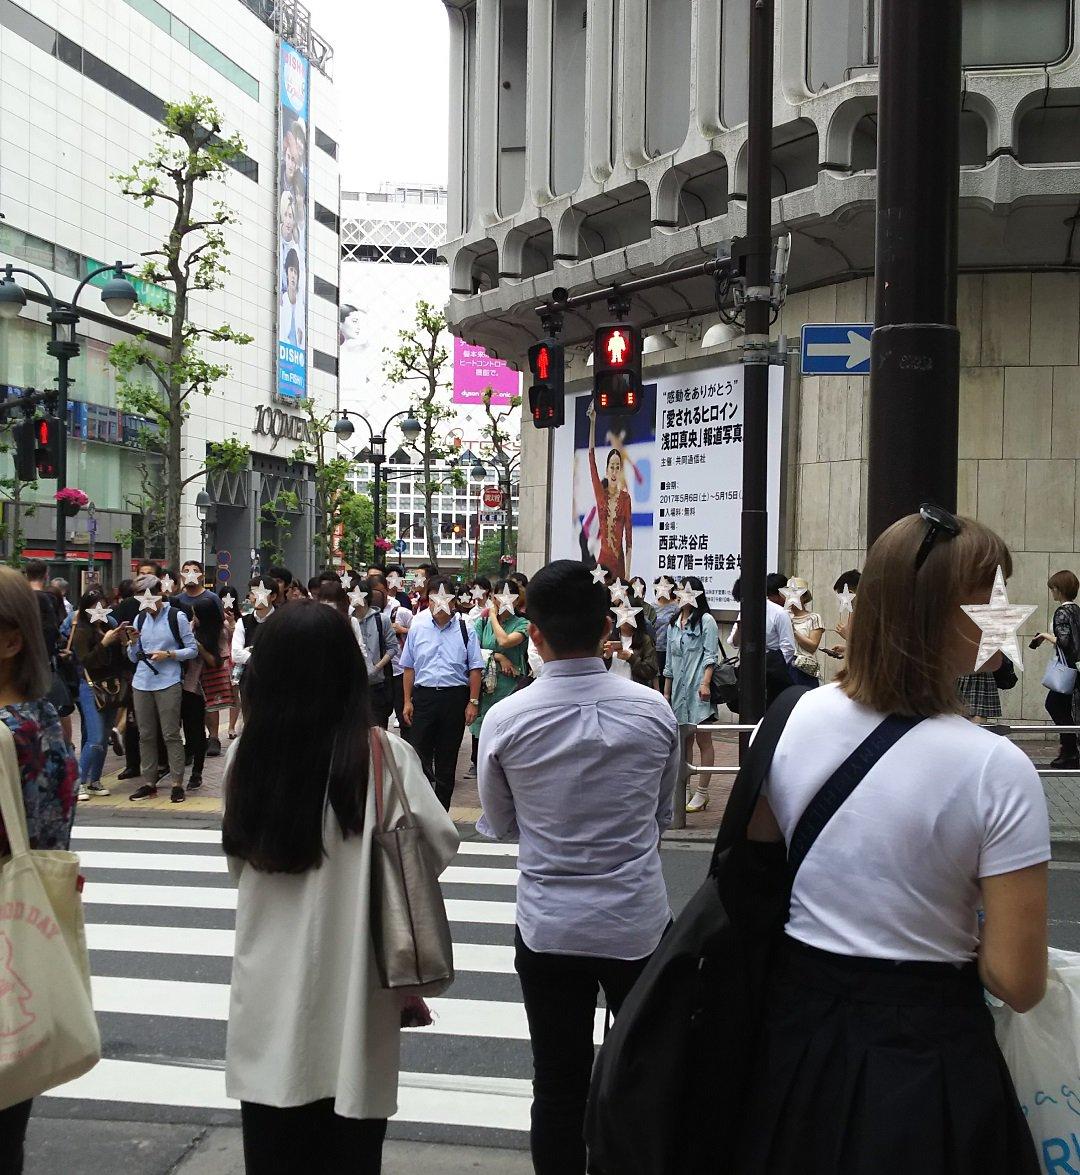 報道写真展の浅田真央巨大看板を発見&ファンはTHE ICE2017開催が楽しみで待ちきれない